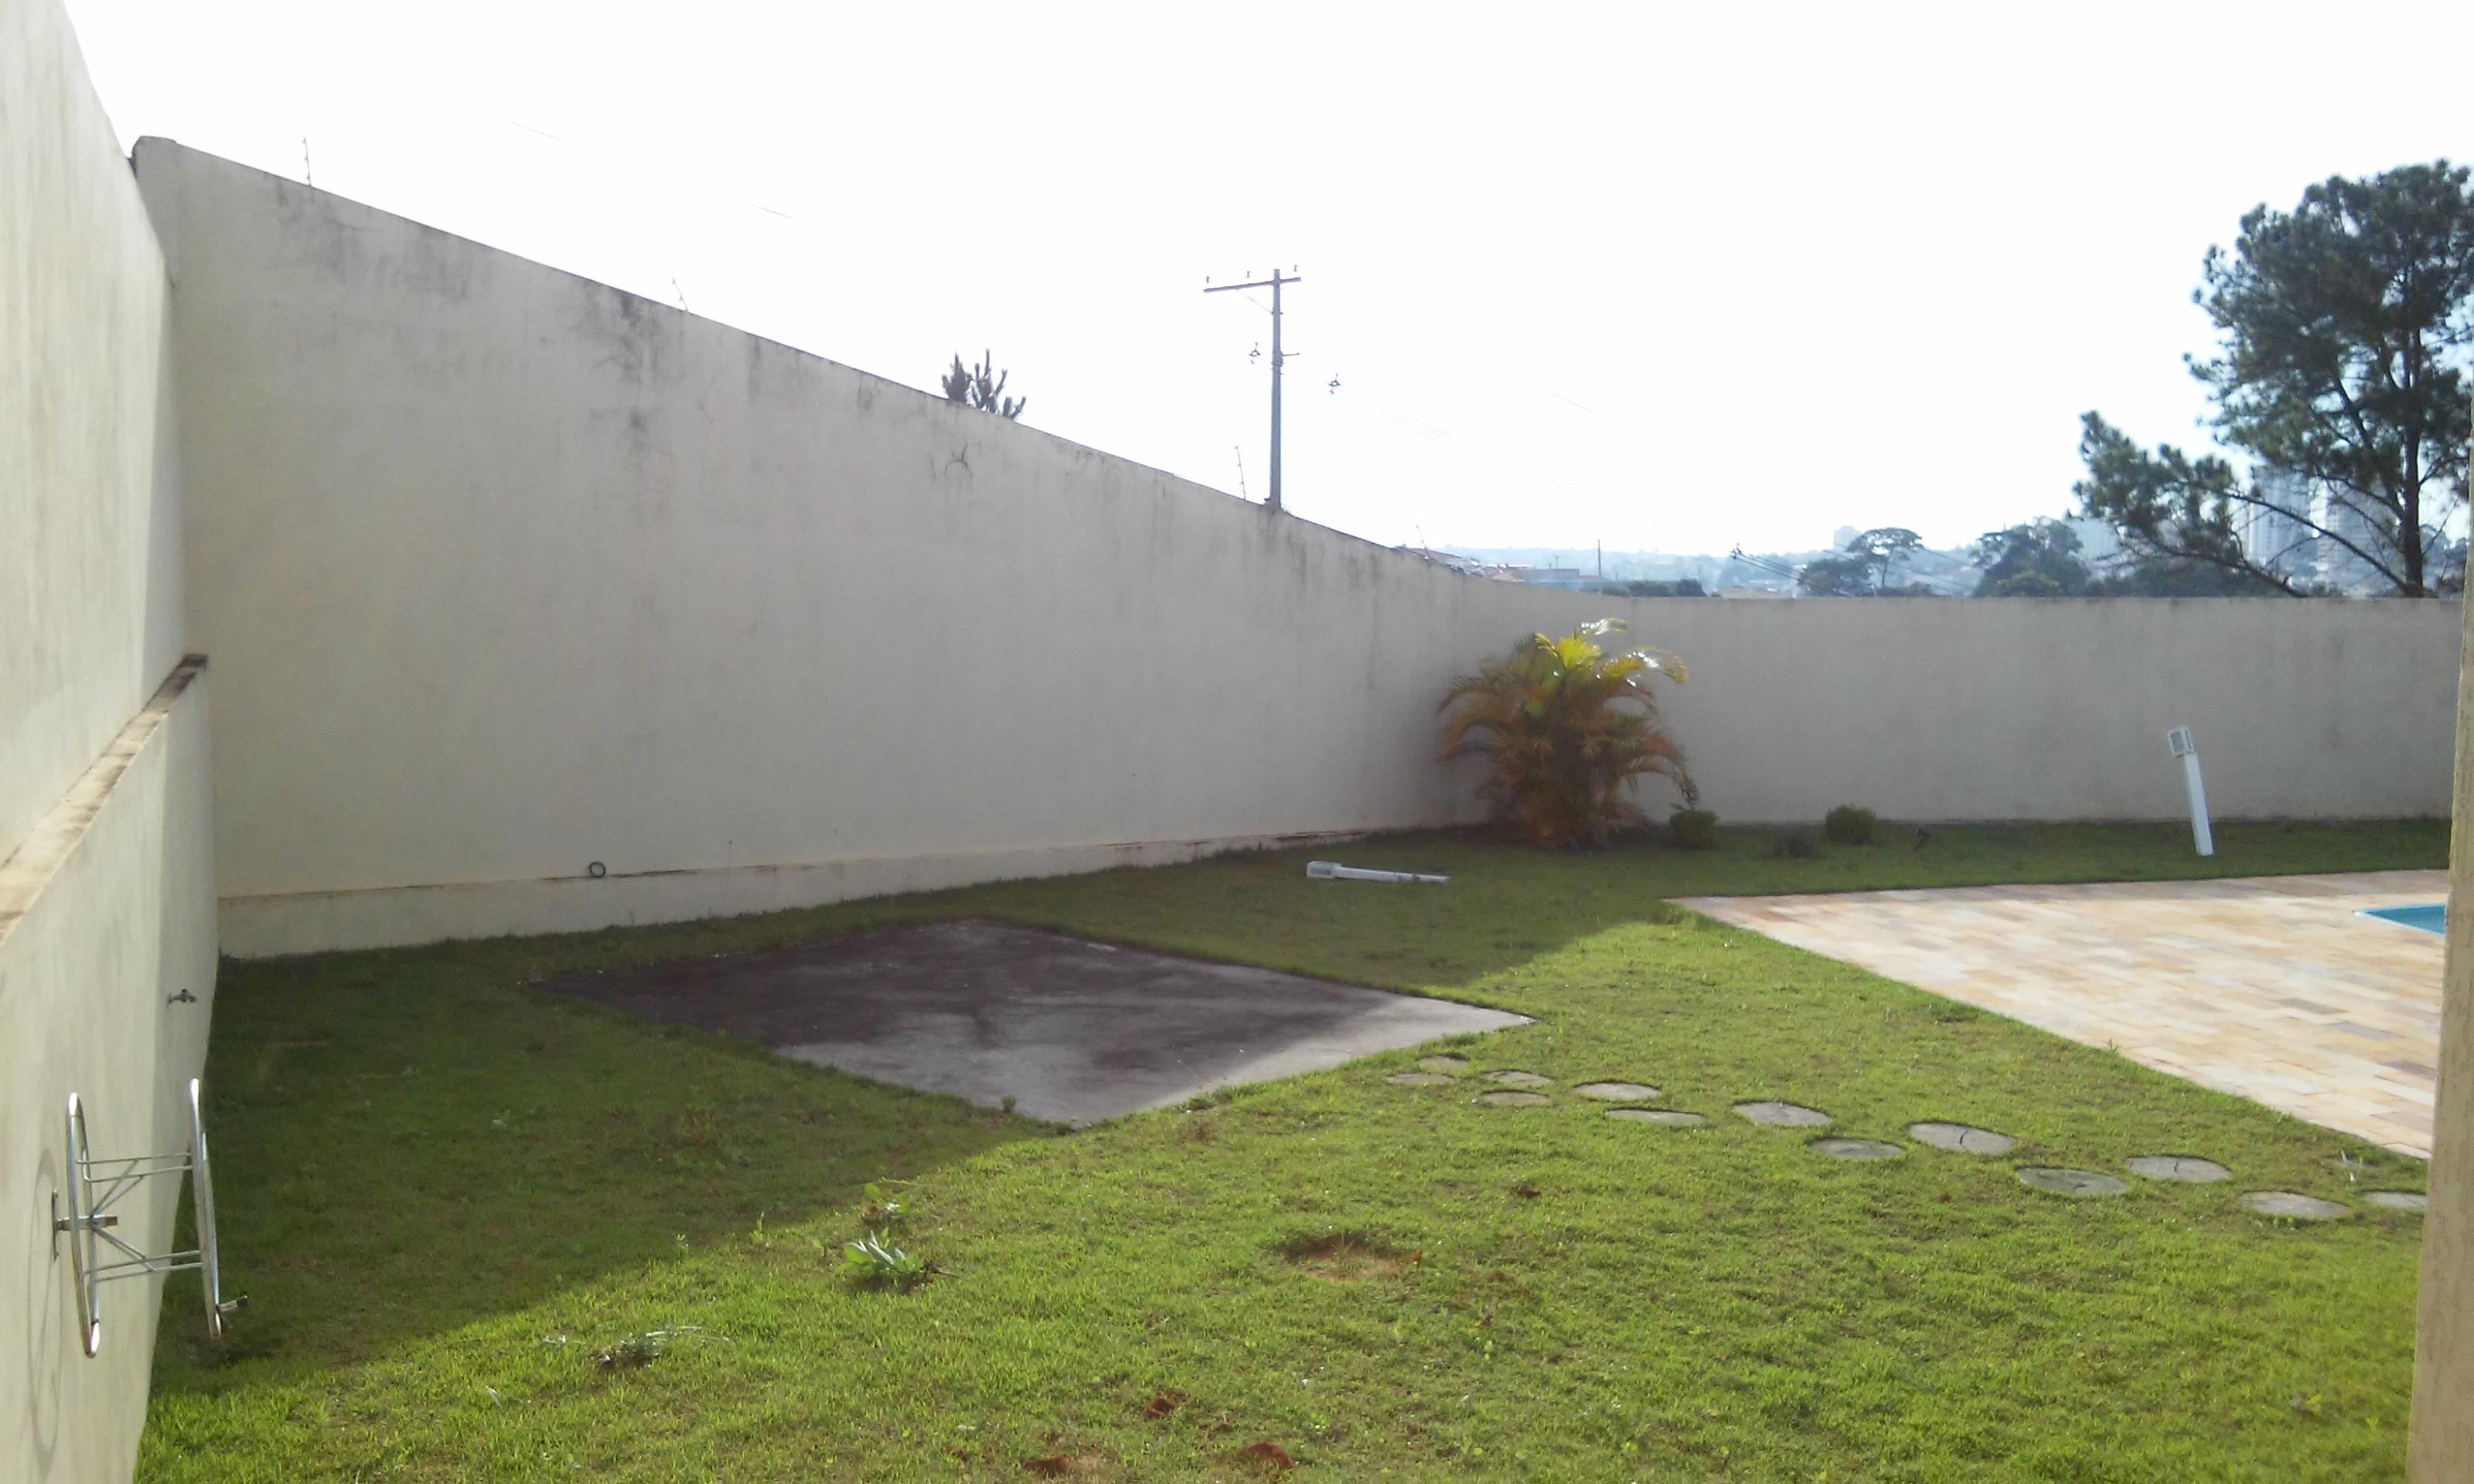 Imóveis Imobiliária Coelho Botucatu SP Casas Terrenos  #77803C 3200 1920